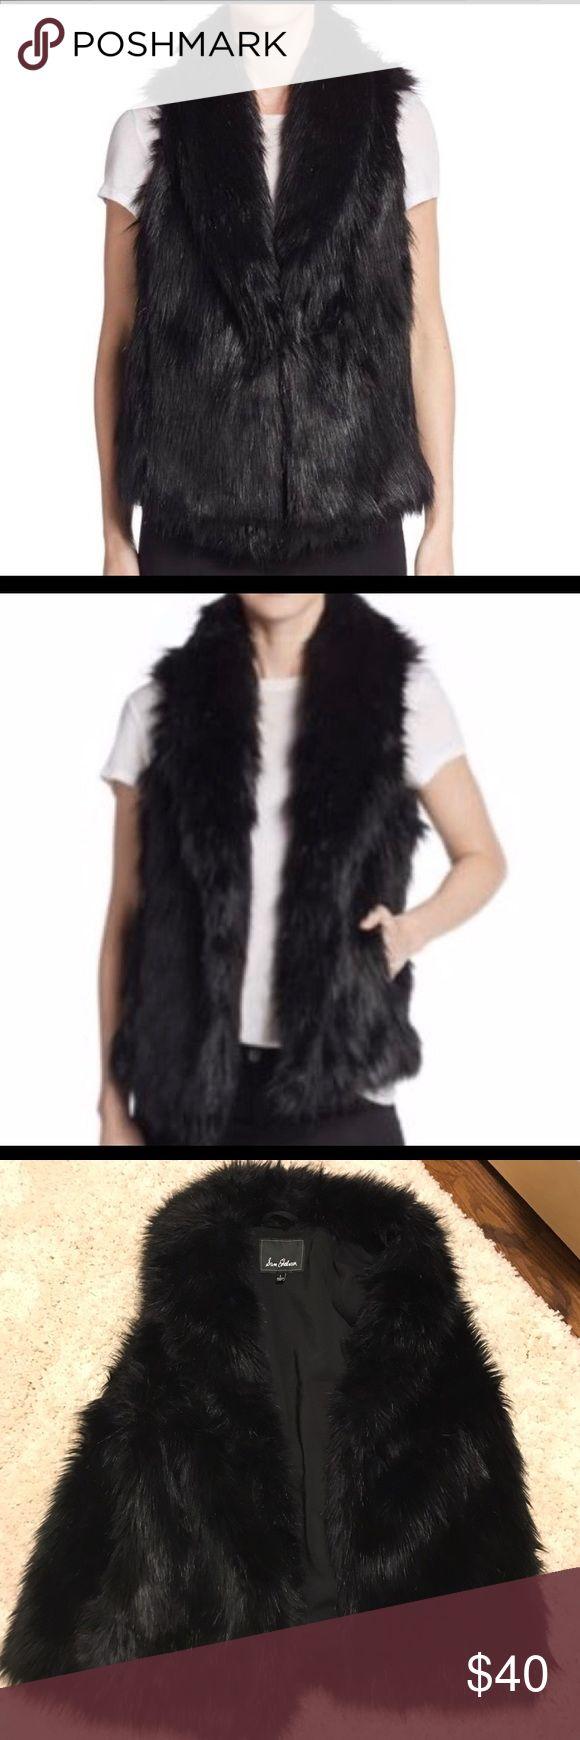 Sam Edelman faux fur vest Great condition.with pockets. Sam Edelman Jackets & Coats Vests